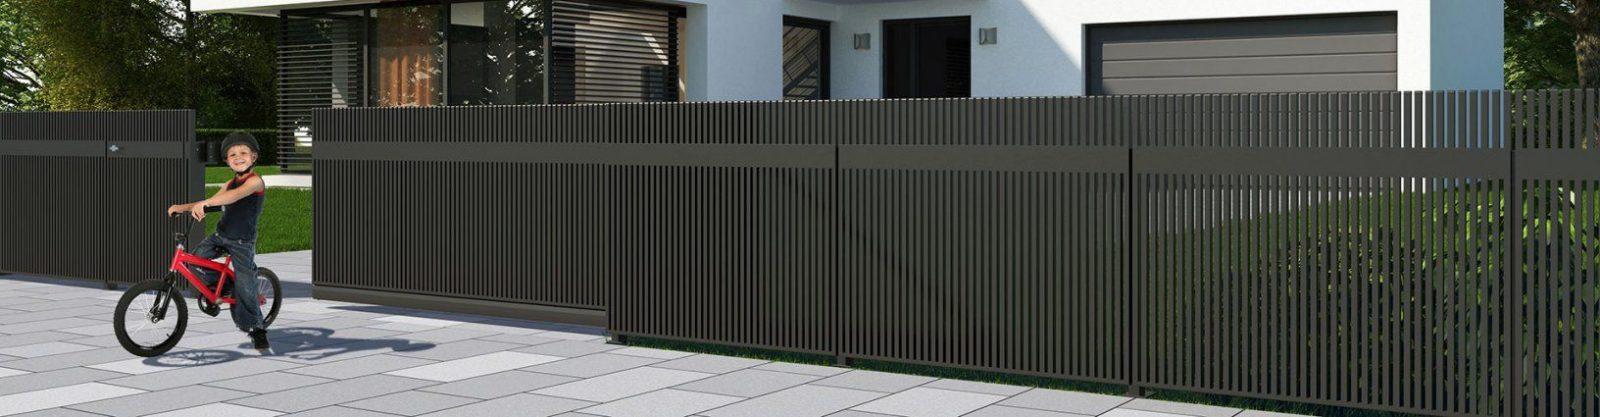 32 Elegant Bild Von Schmiedeeisen Zaun Selber Bauen  Biocomsympo von Schmiedeeisen Zaun Selber Bauen Bild